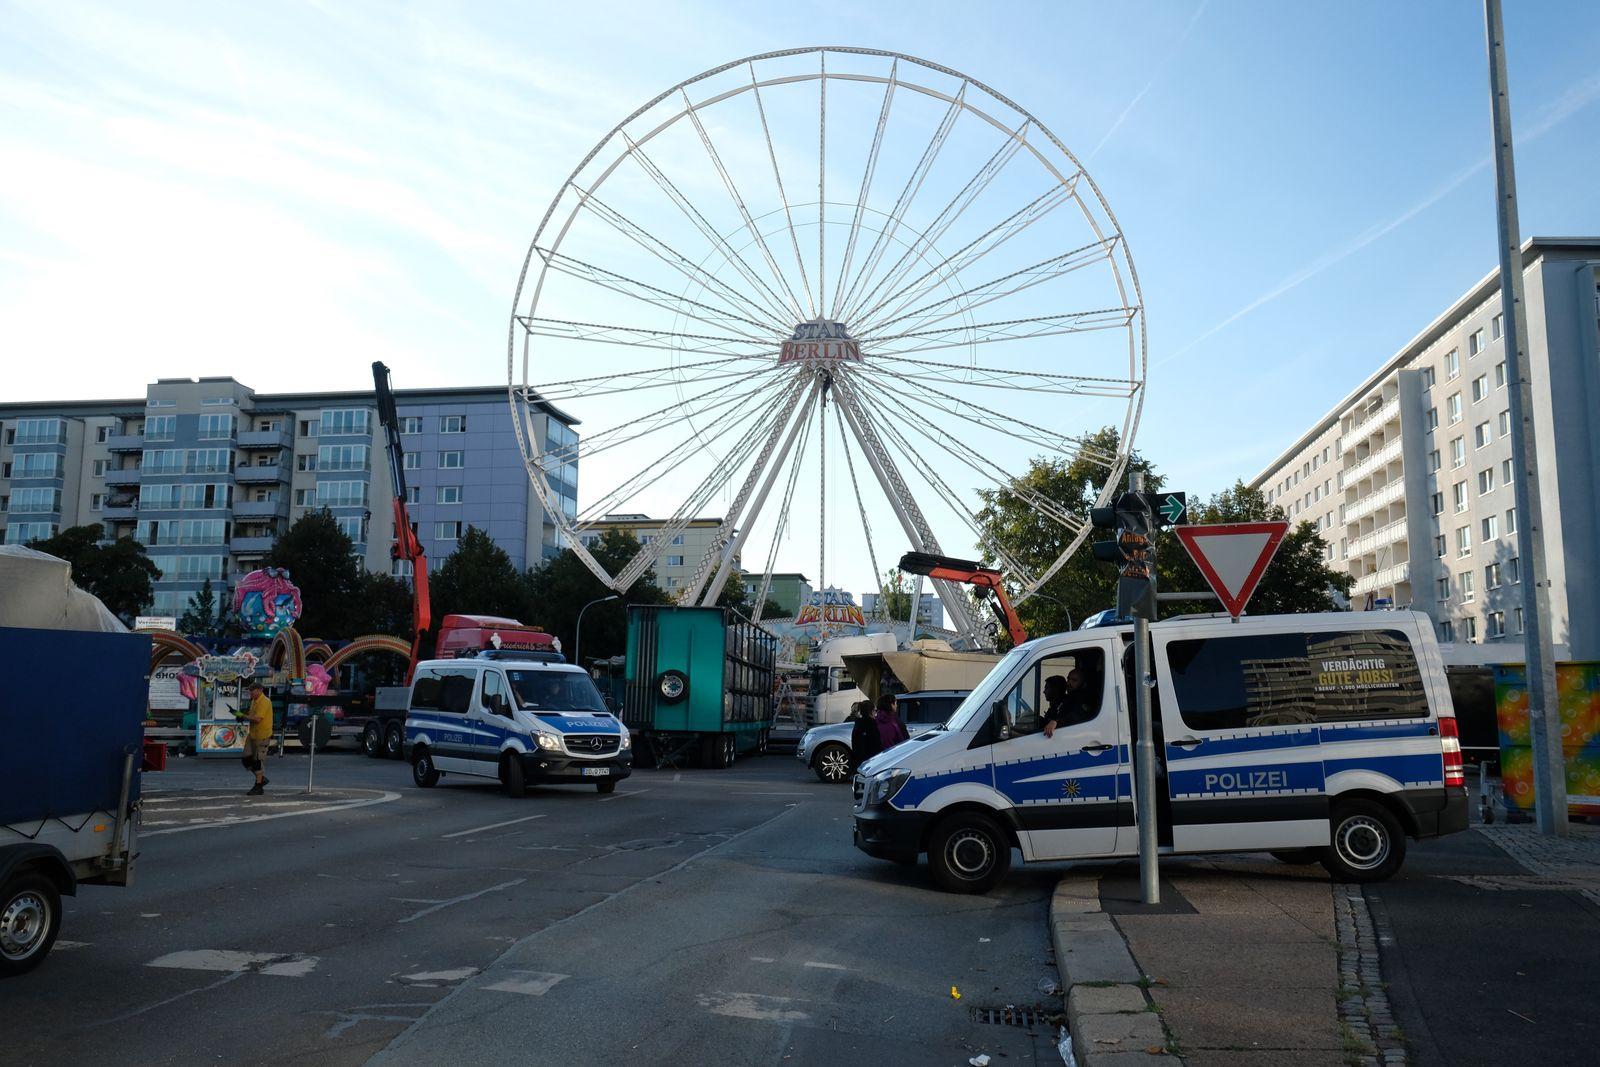 Chemnitz Stadtfest